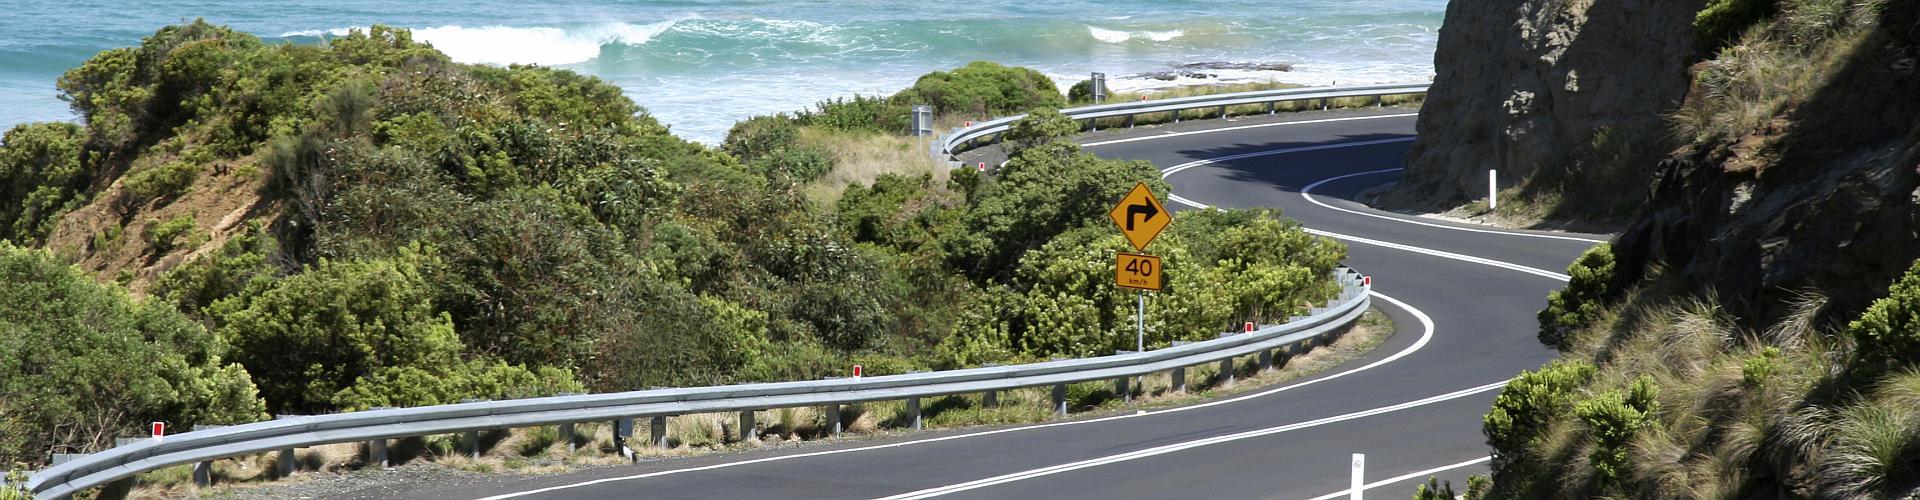 Mietwagenrundreise in Australien